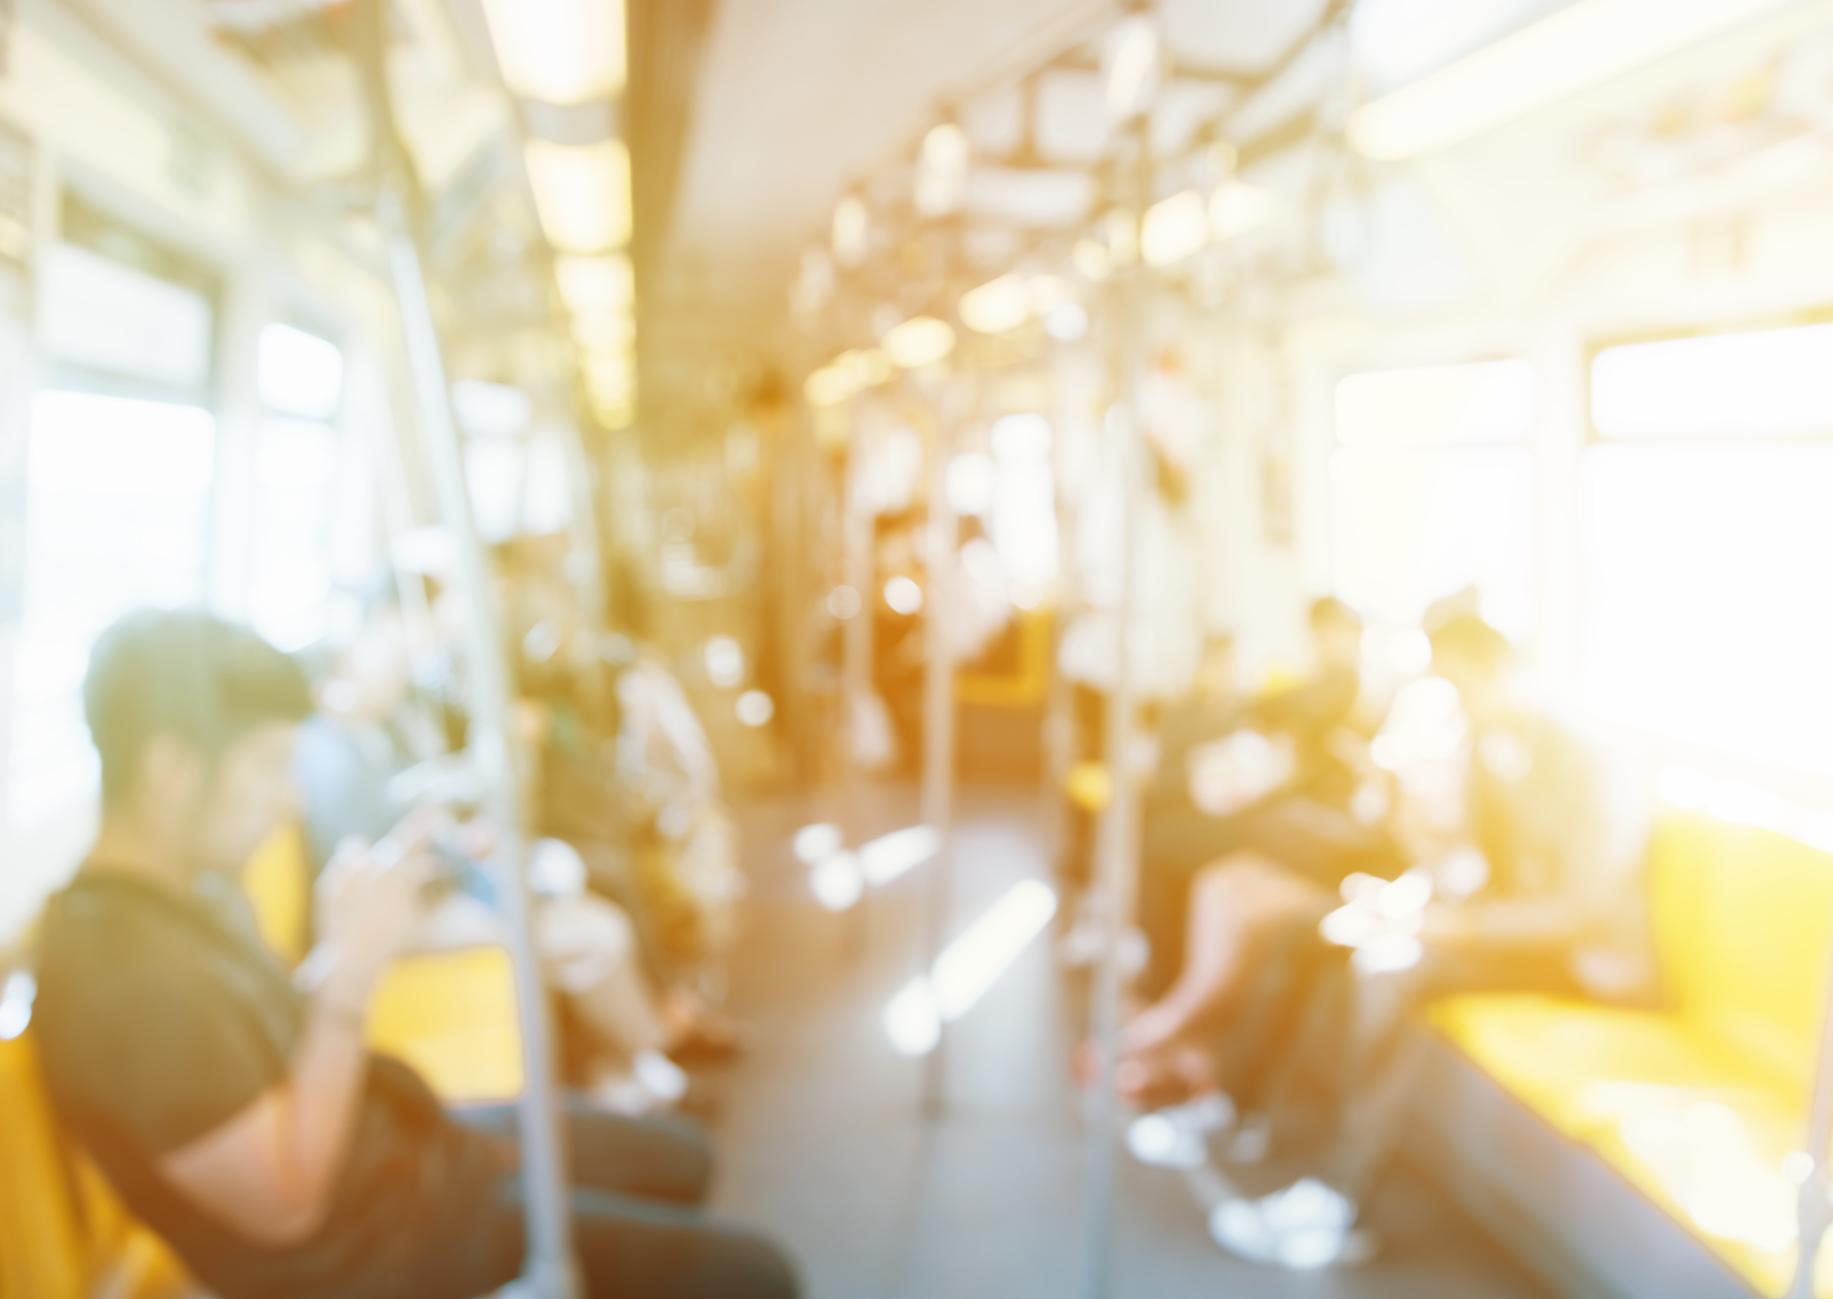 Menschen der Hintergrund jedoch unscharf, nicht identifizierte Person spielen Smartphone Tablet im Bus Skytrain, Transport oder Kommunikation Konzept